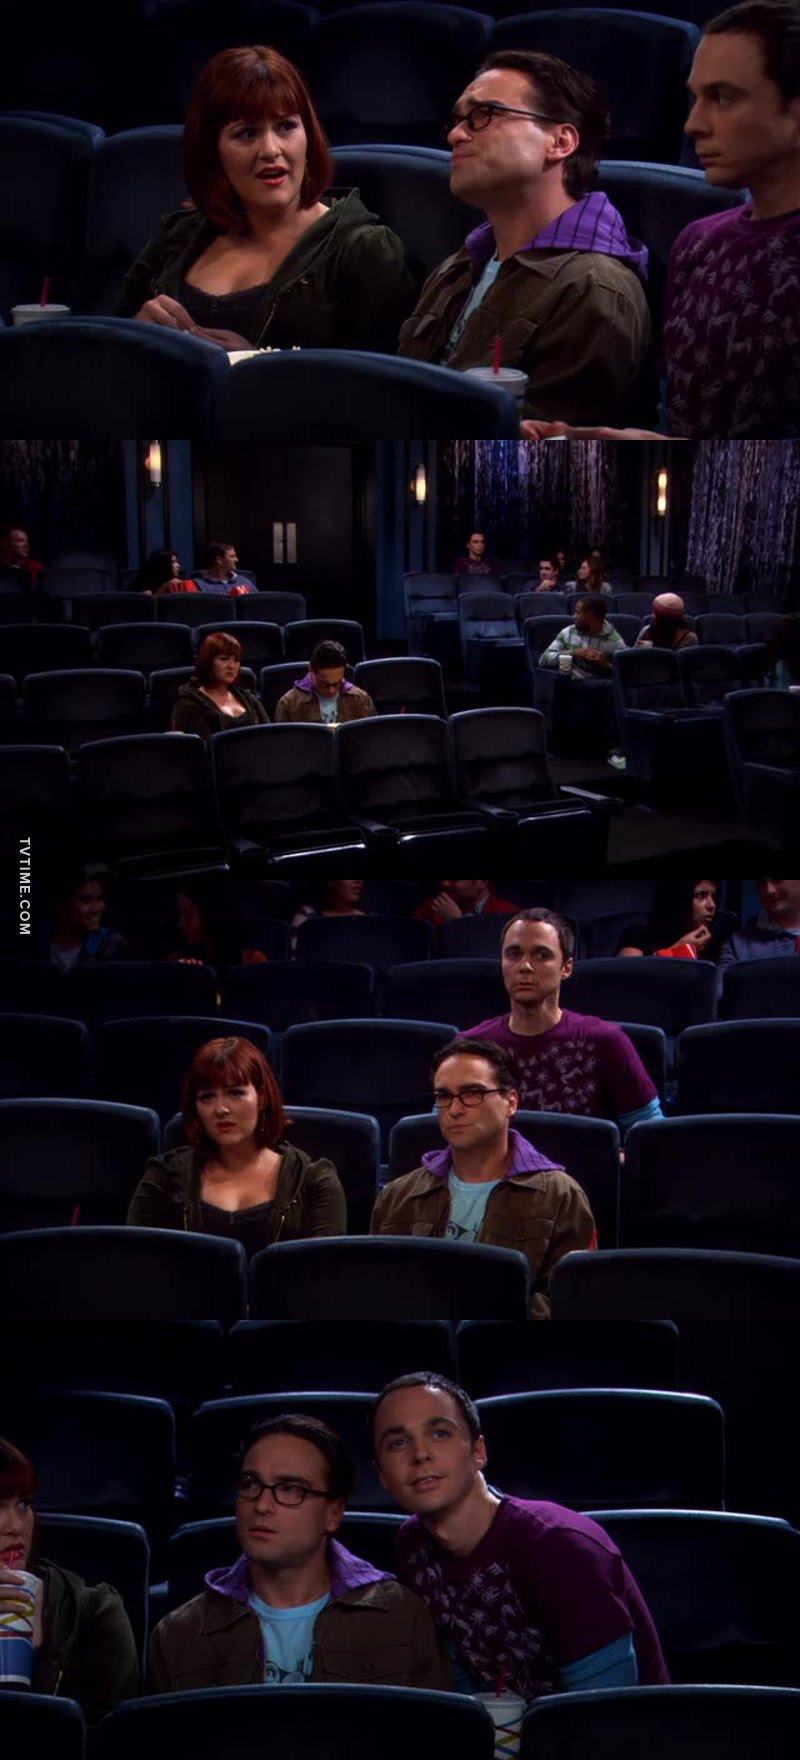 Sheldon al cinema mi fa morire!! 😂😂😂